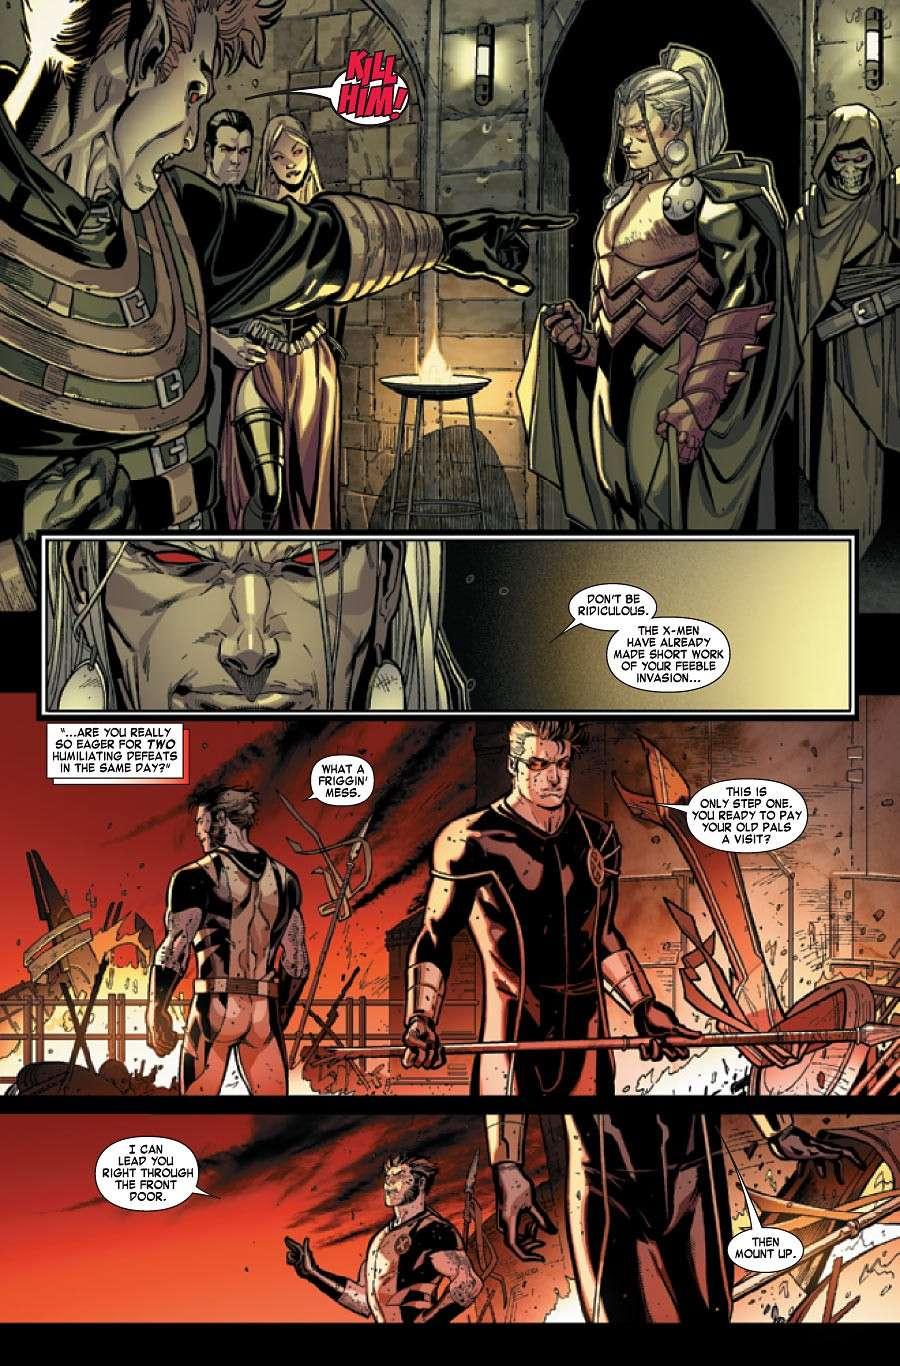 X-Men #6 Prv72744